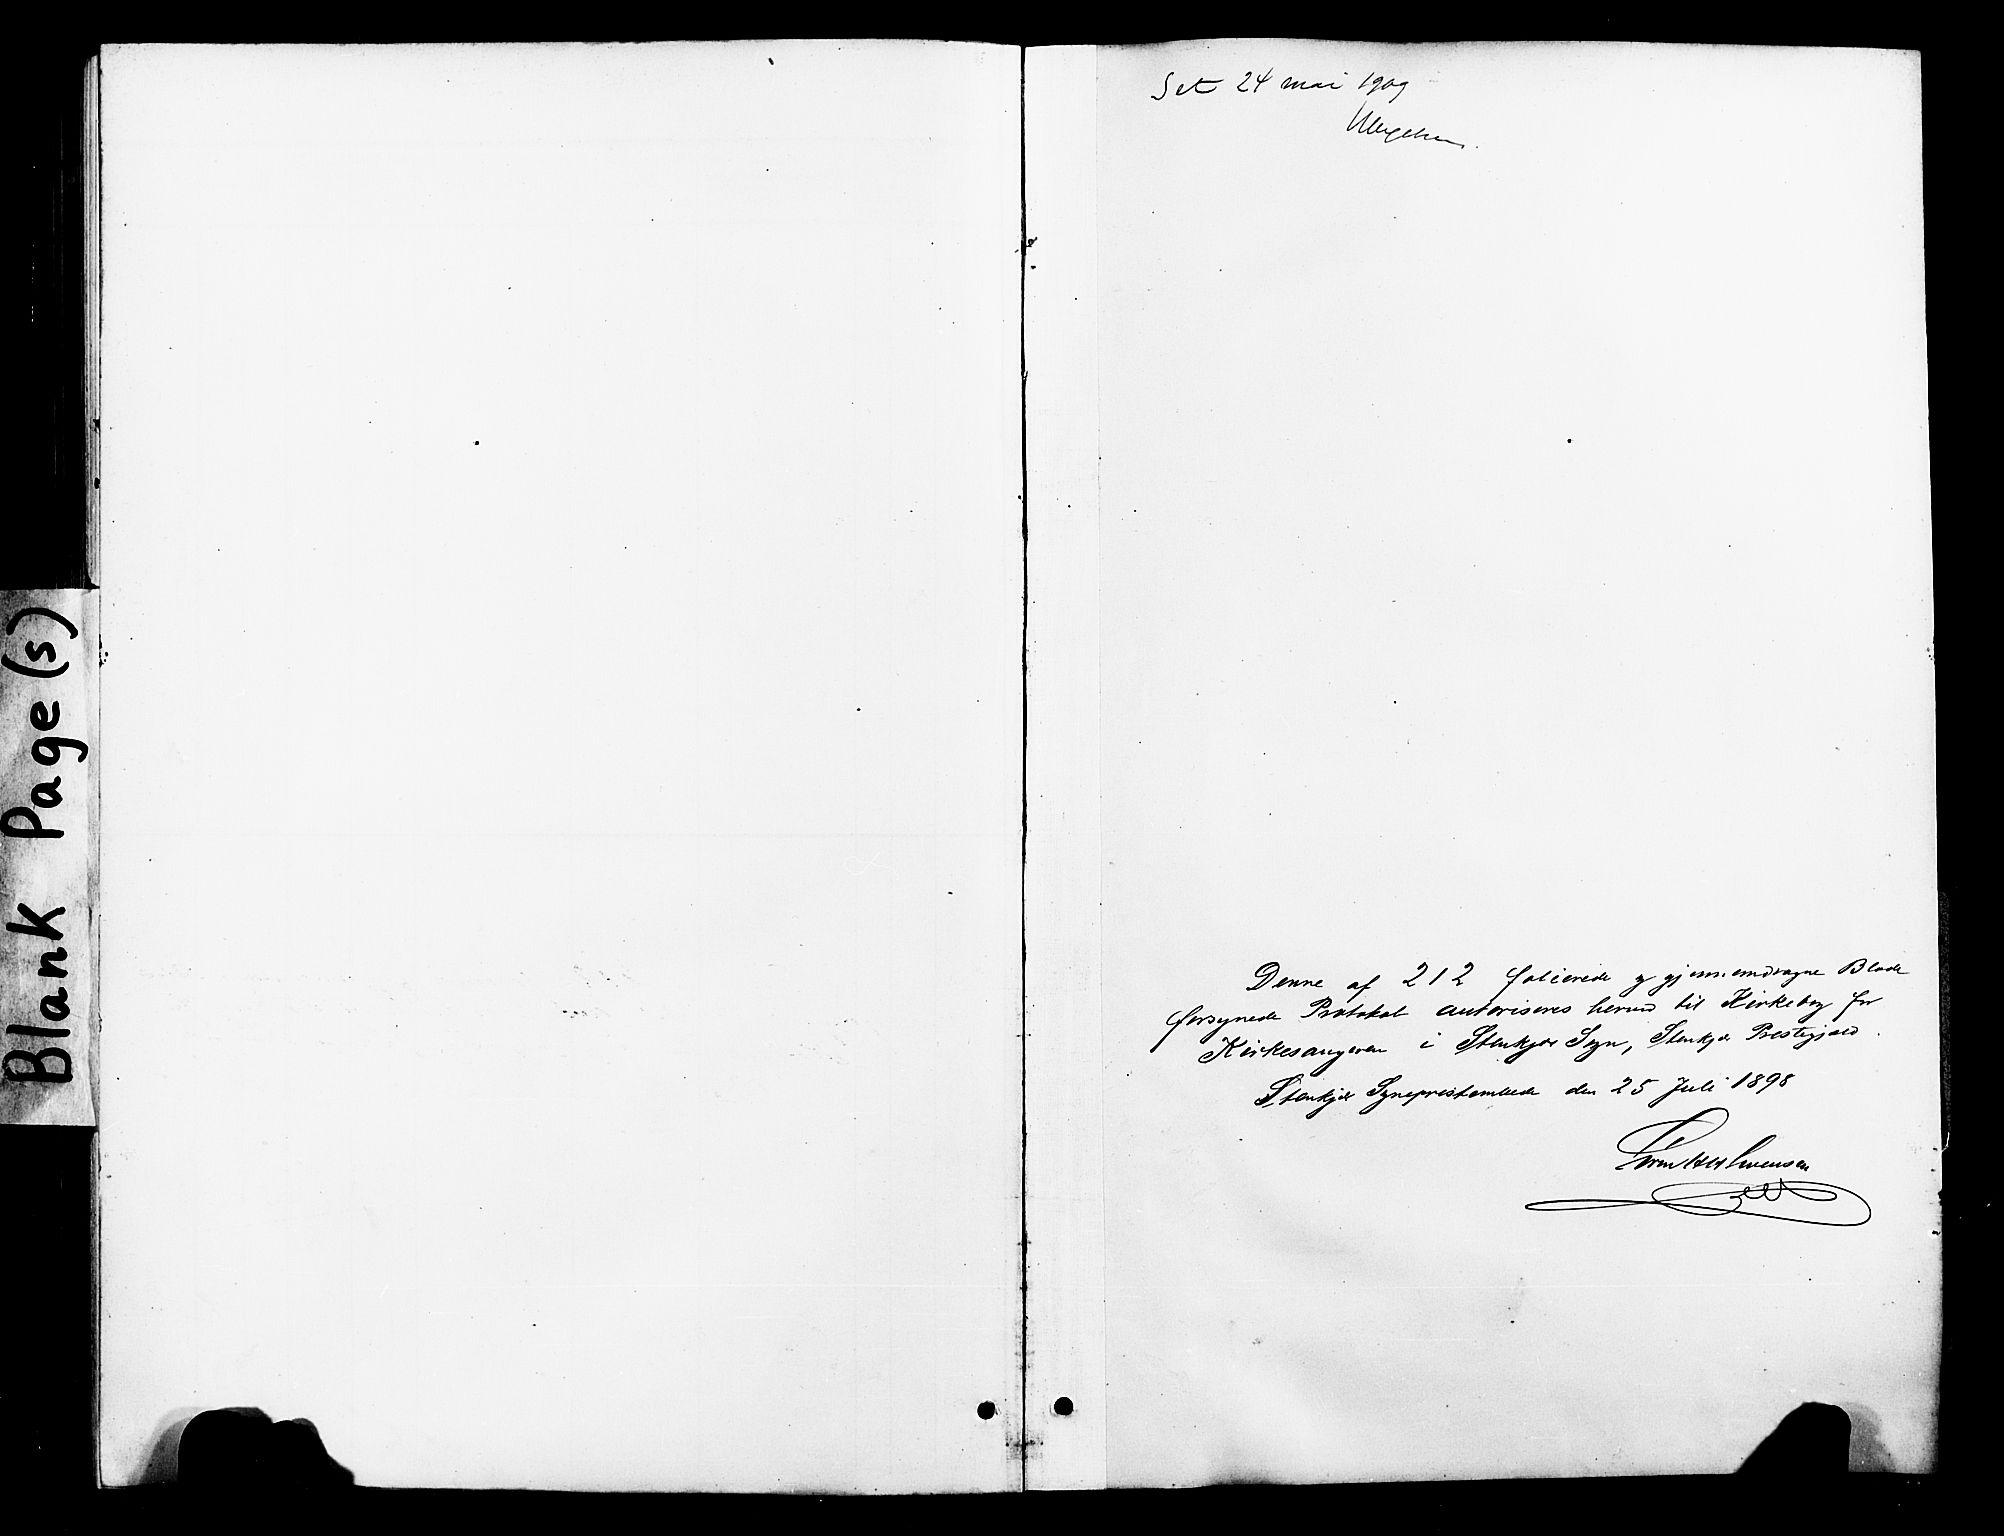 SAT, Ministerialprotokoller, klokkerbøker og fødselsregistre - Nord-Trøndelag, 739/L0375: Klokkerbok nr. 739C03, 1898-1908